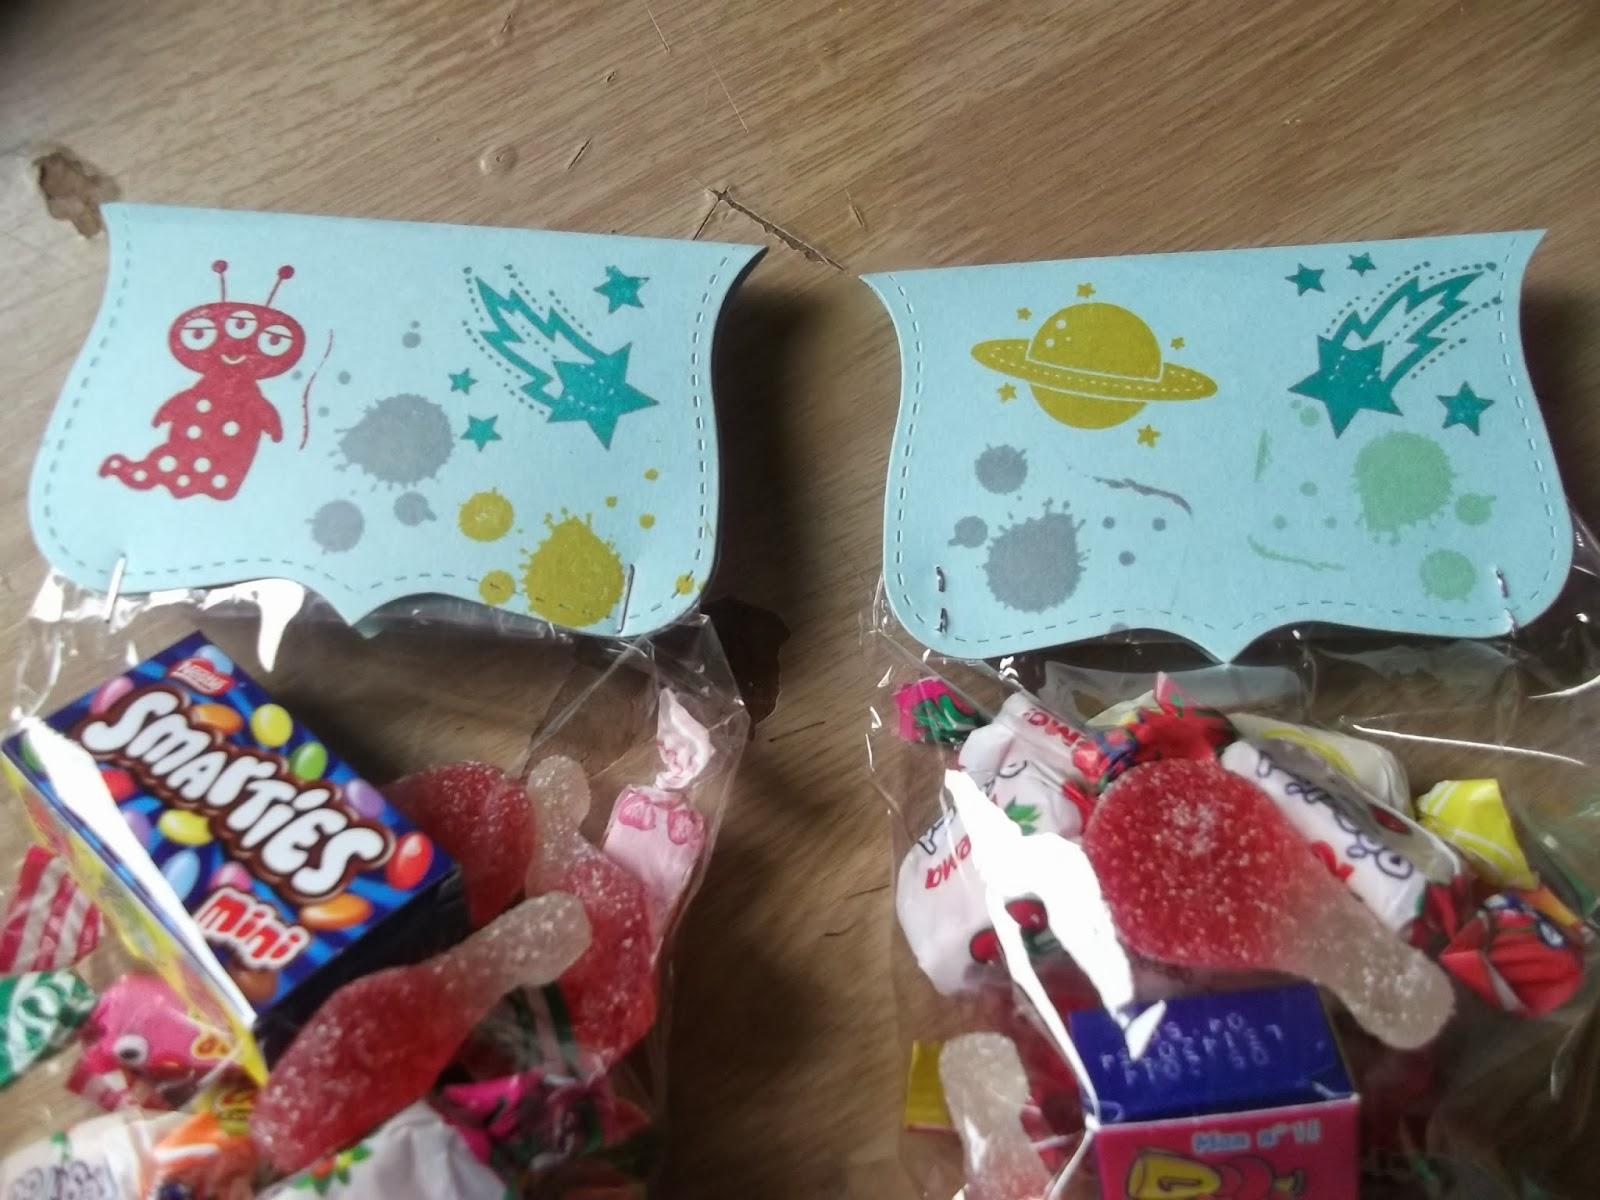 Le scrap de bibi29 la carte anniversaire de johan et ses sachets bonbons - Fabriquer sachet bonbon anniversaire ...